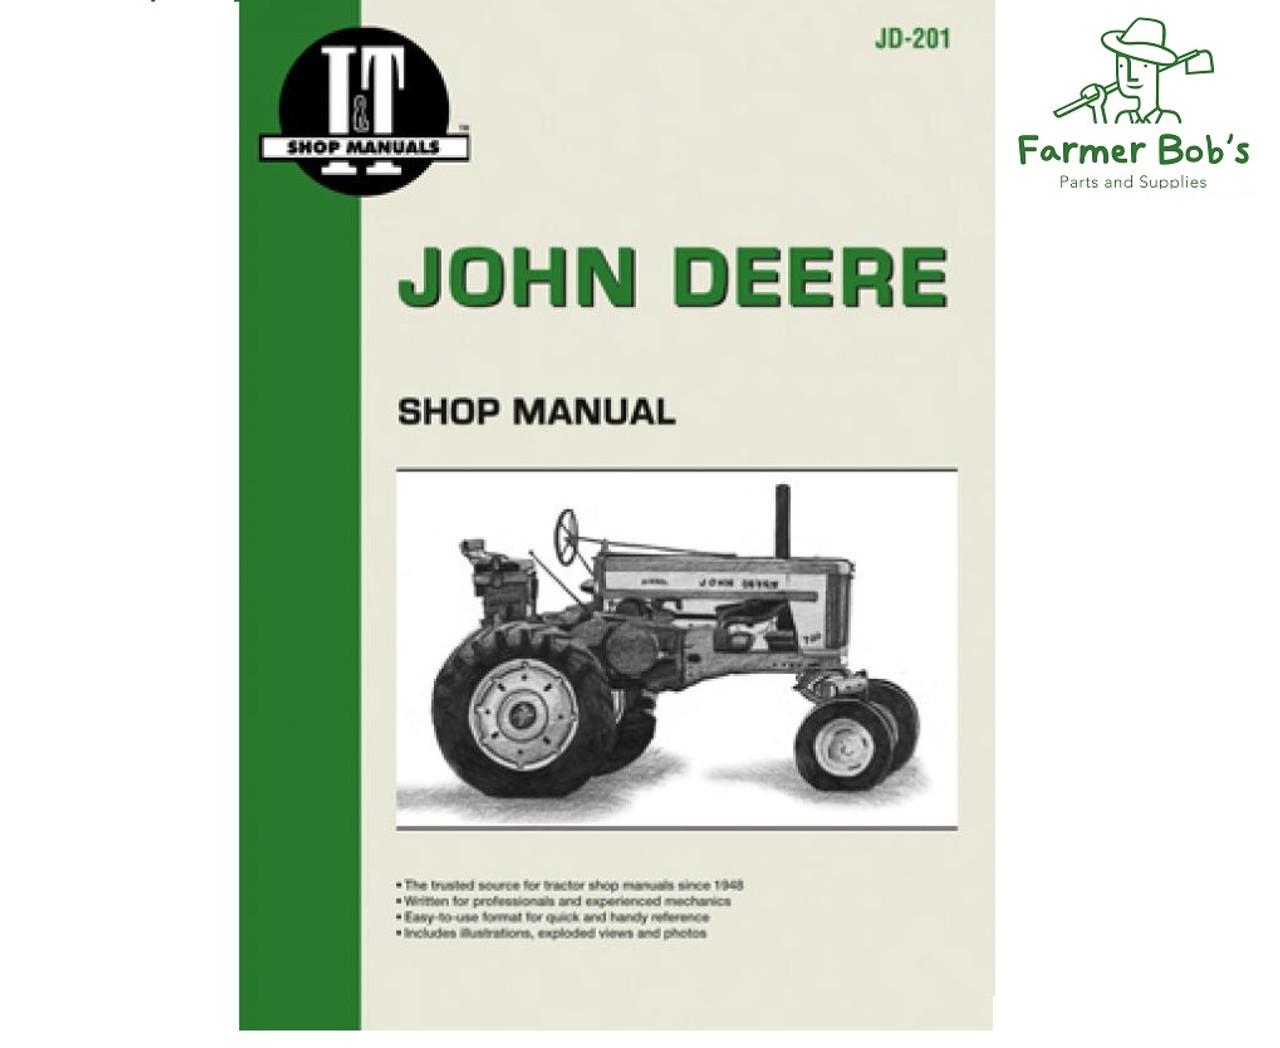 hight resolution of jd201 i t shop manuals john deere 720 diesel 730 diesel series 40